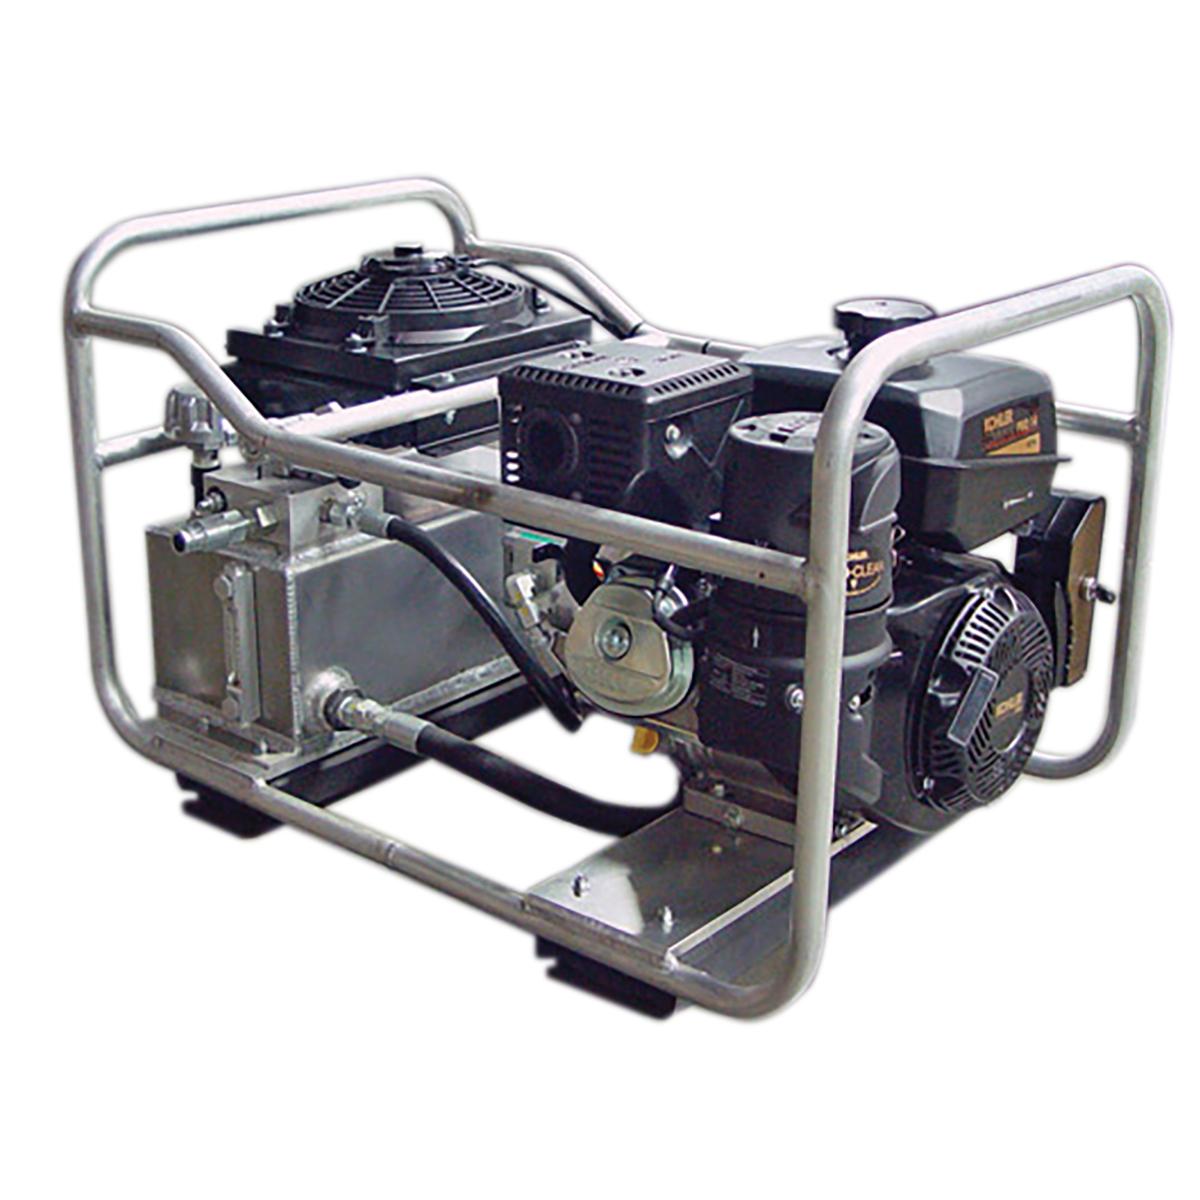 82000 HPU - Hydraulic power unit